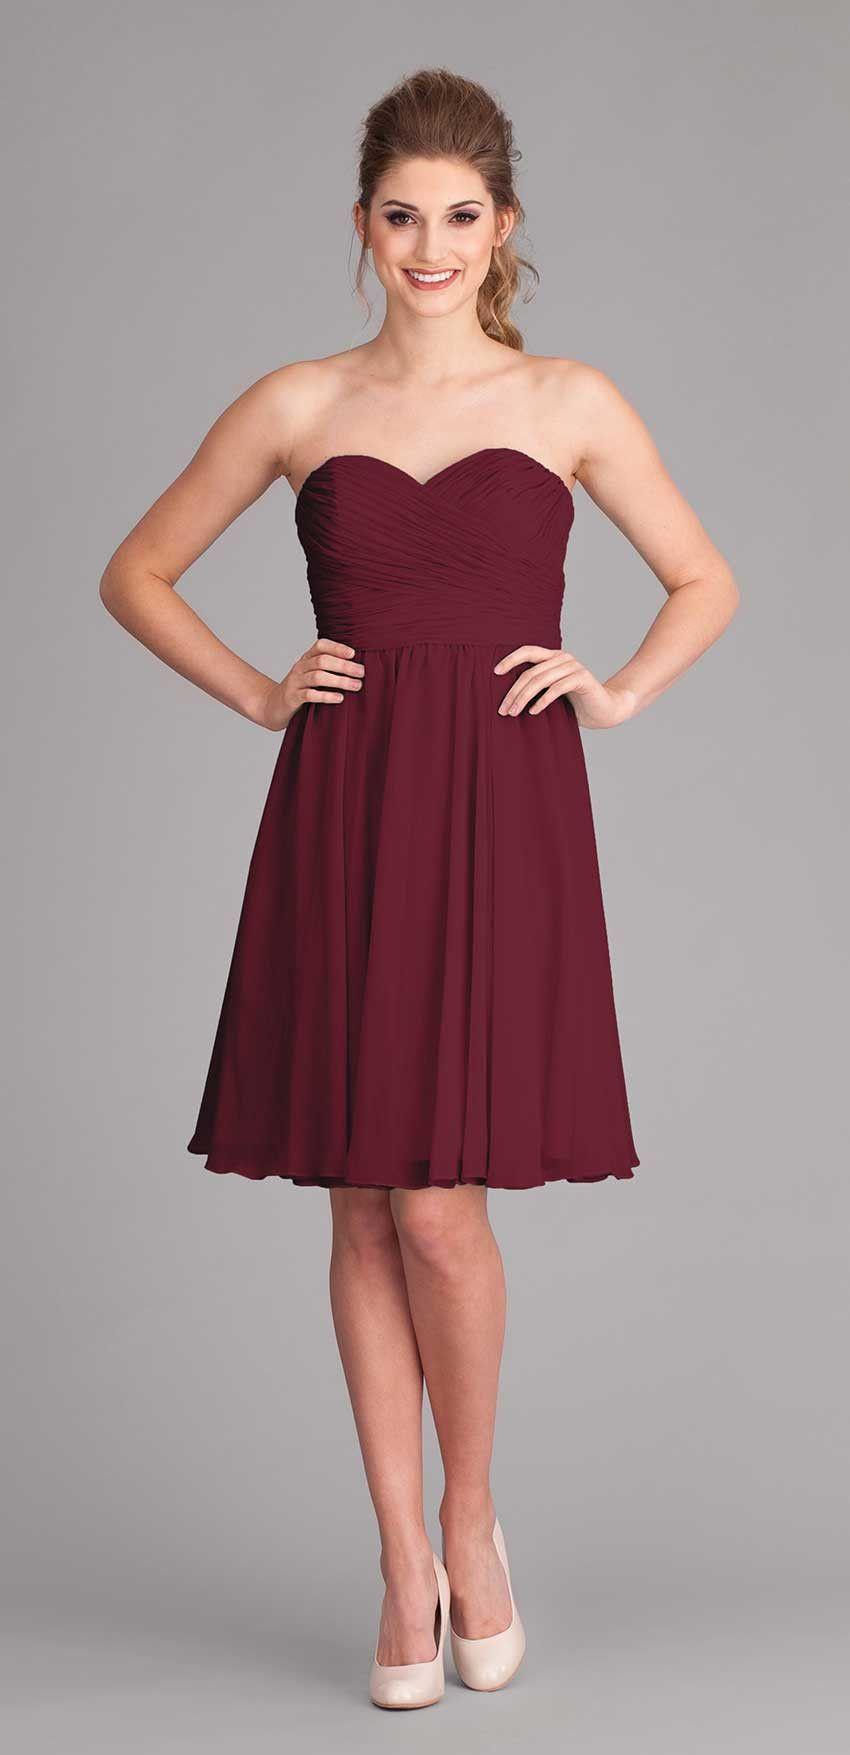 Kennedy Blue Bridesmaid Dress Sydney   Strapless chiffon ...